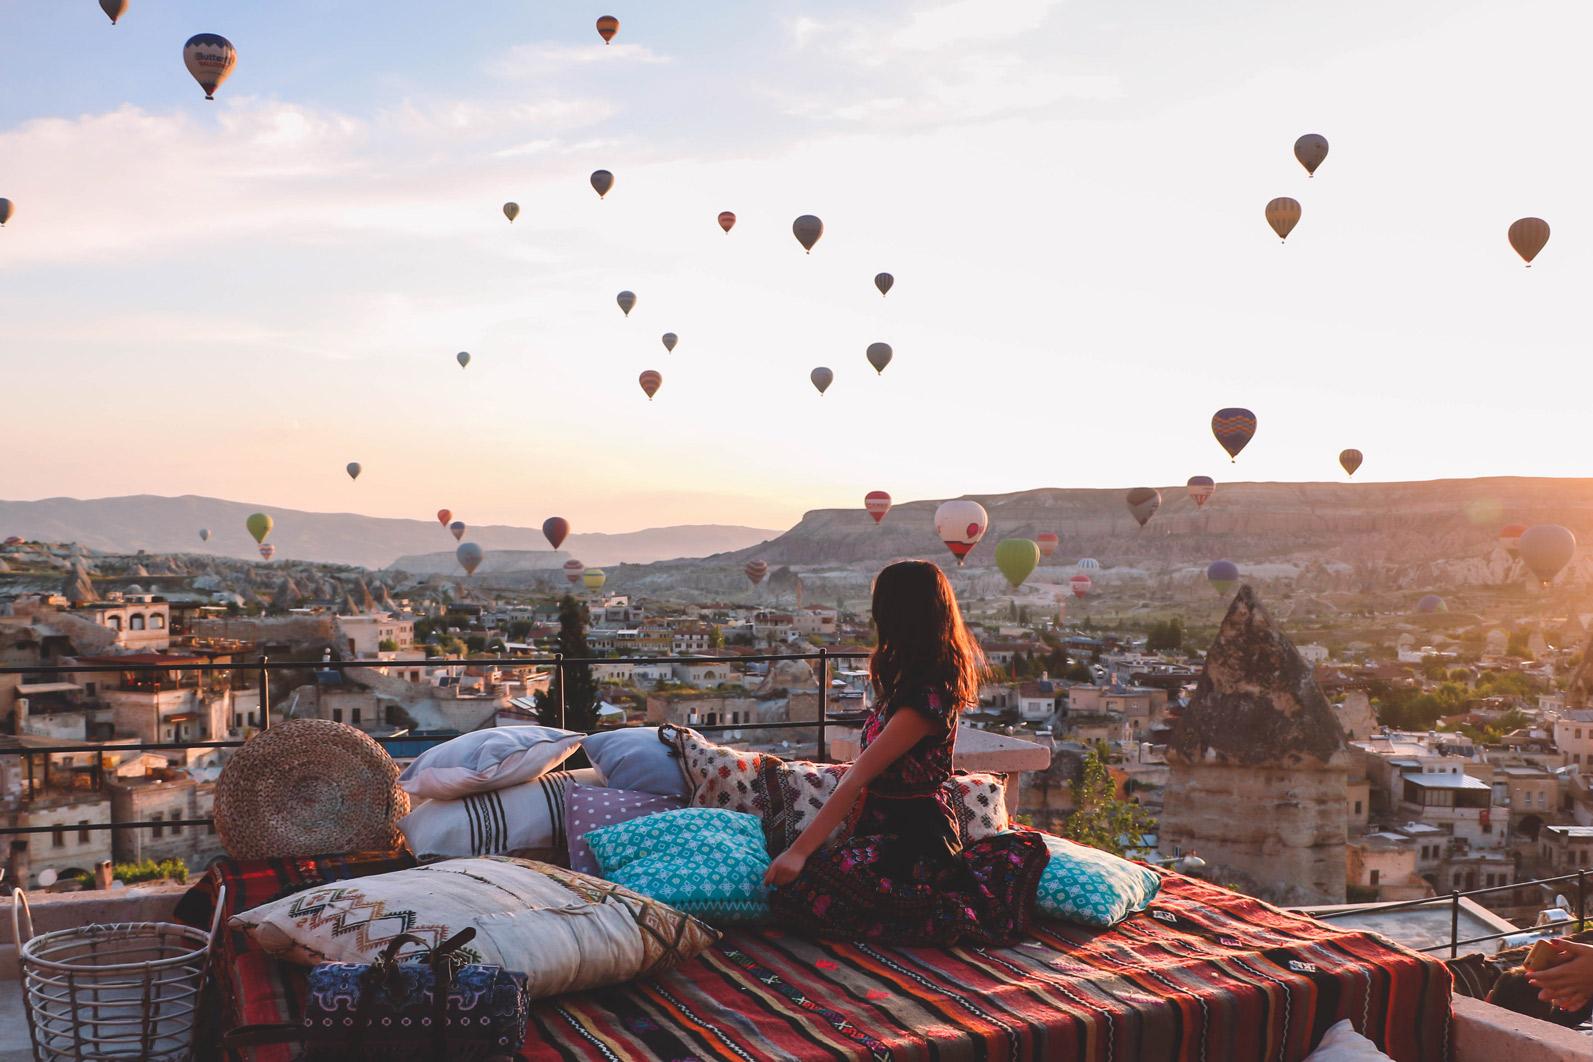 Hình ảnh khinh khí cầu đẹp lãng mạn nhất